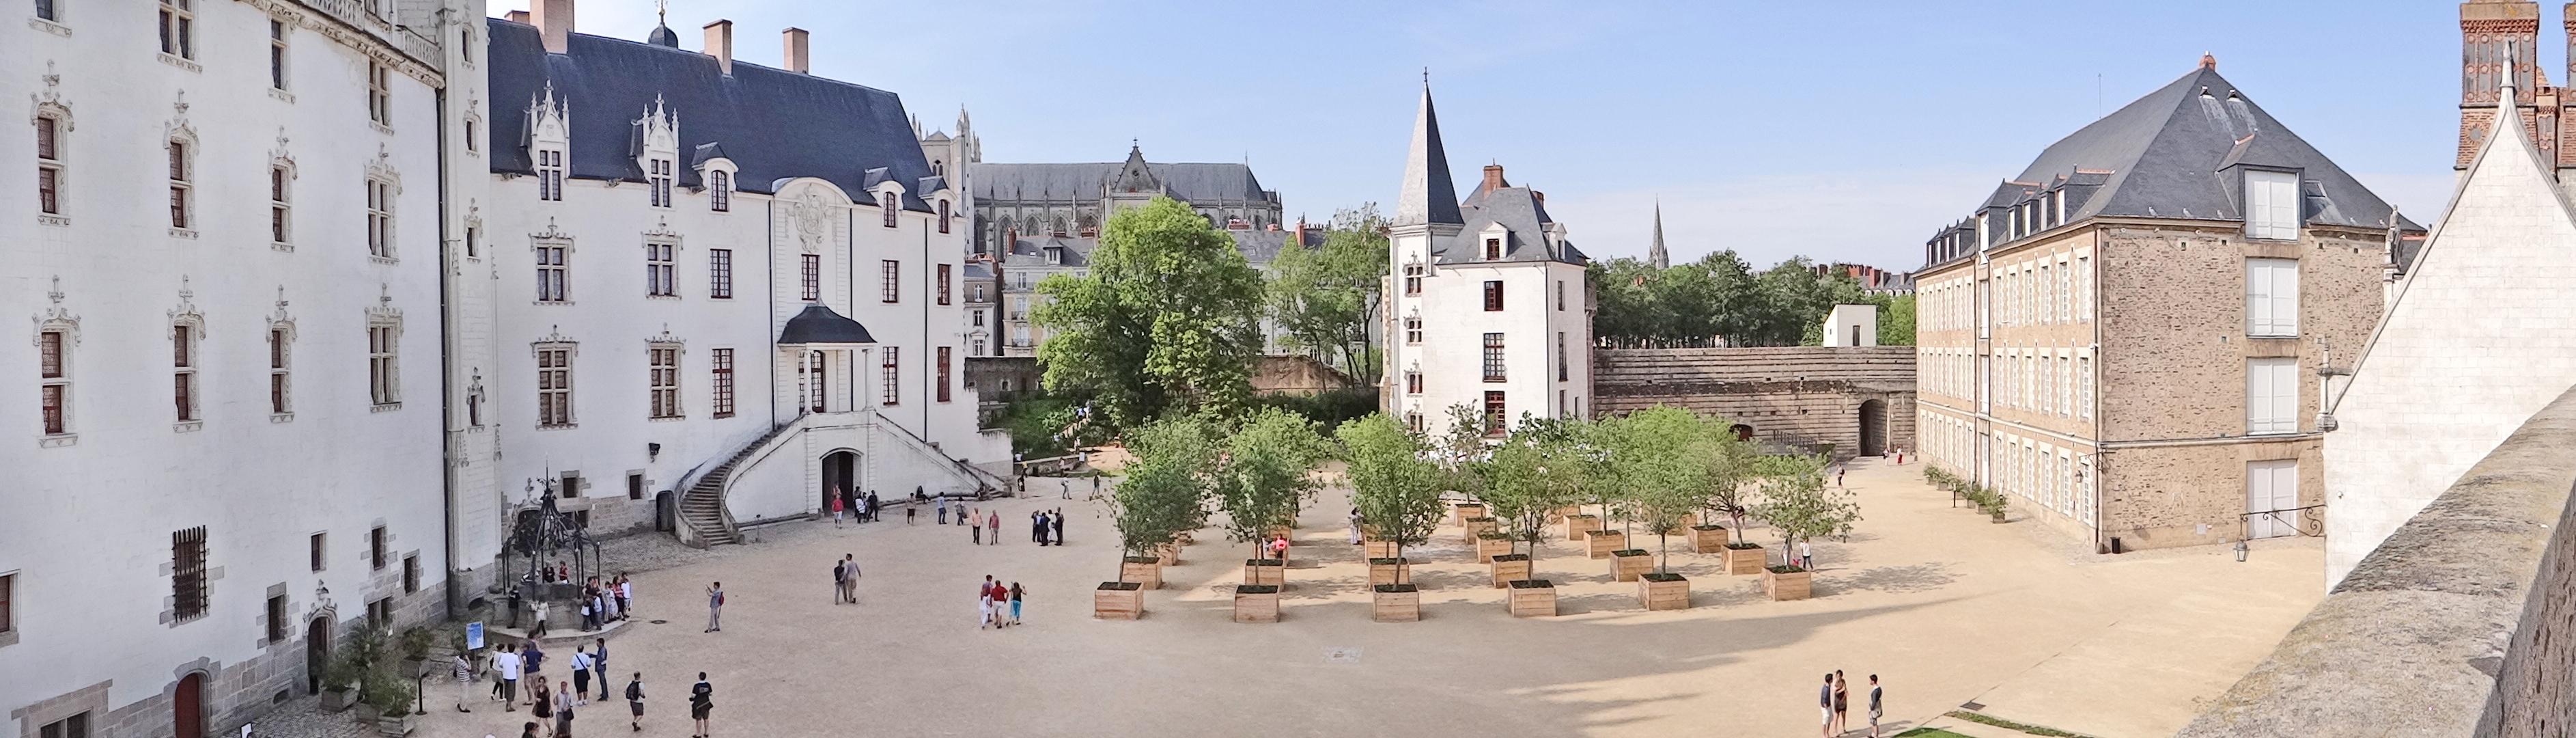 La cour intérieure du château des ducs de Bretagne (Nantes)